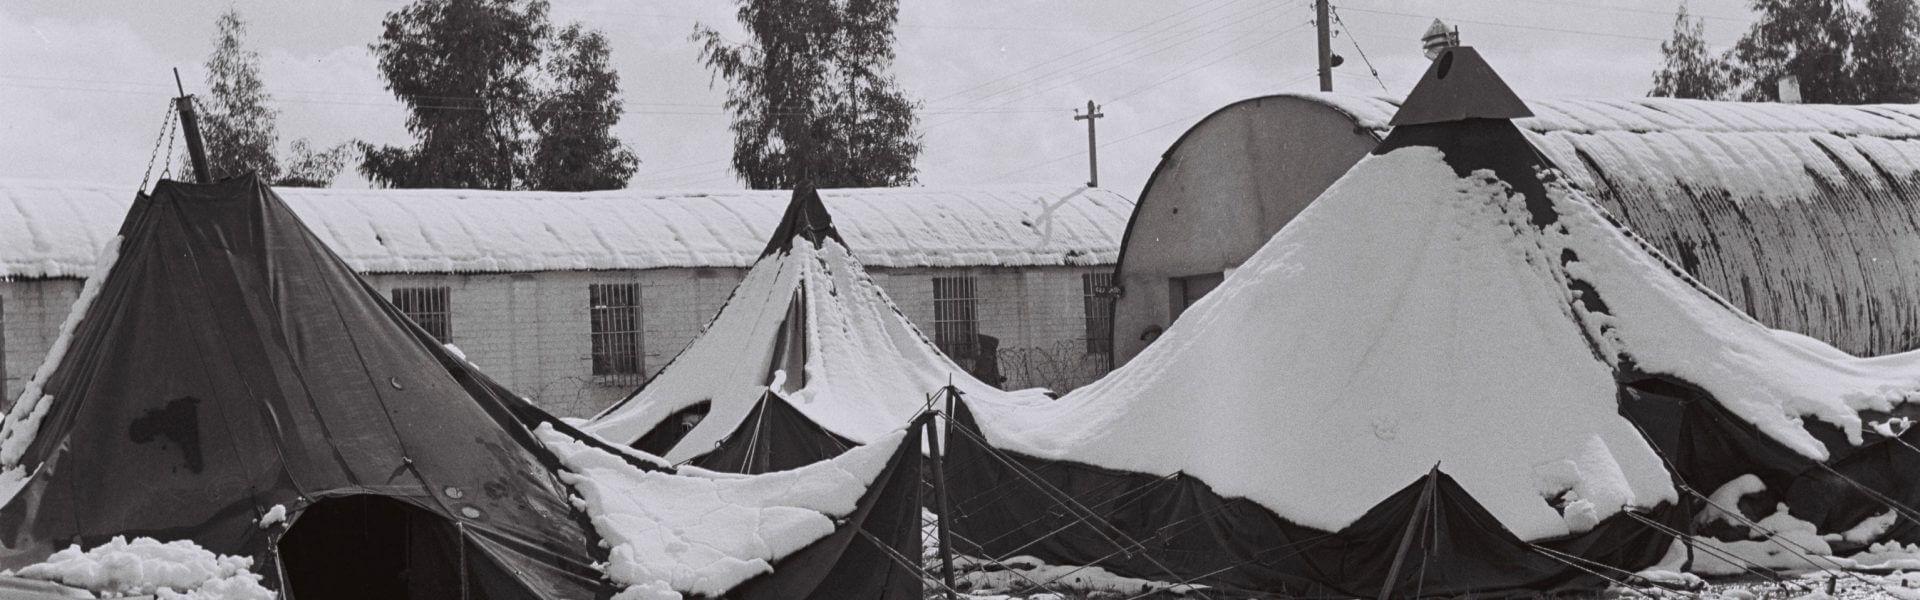 מעברת עולי תימן בראש-העין אחרי שלג, פברואר 1952 // צילום: דוד אלדן, אוסף התצלומים הלאומי